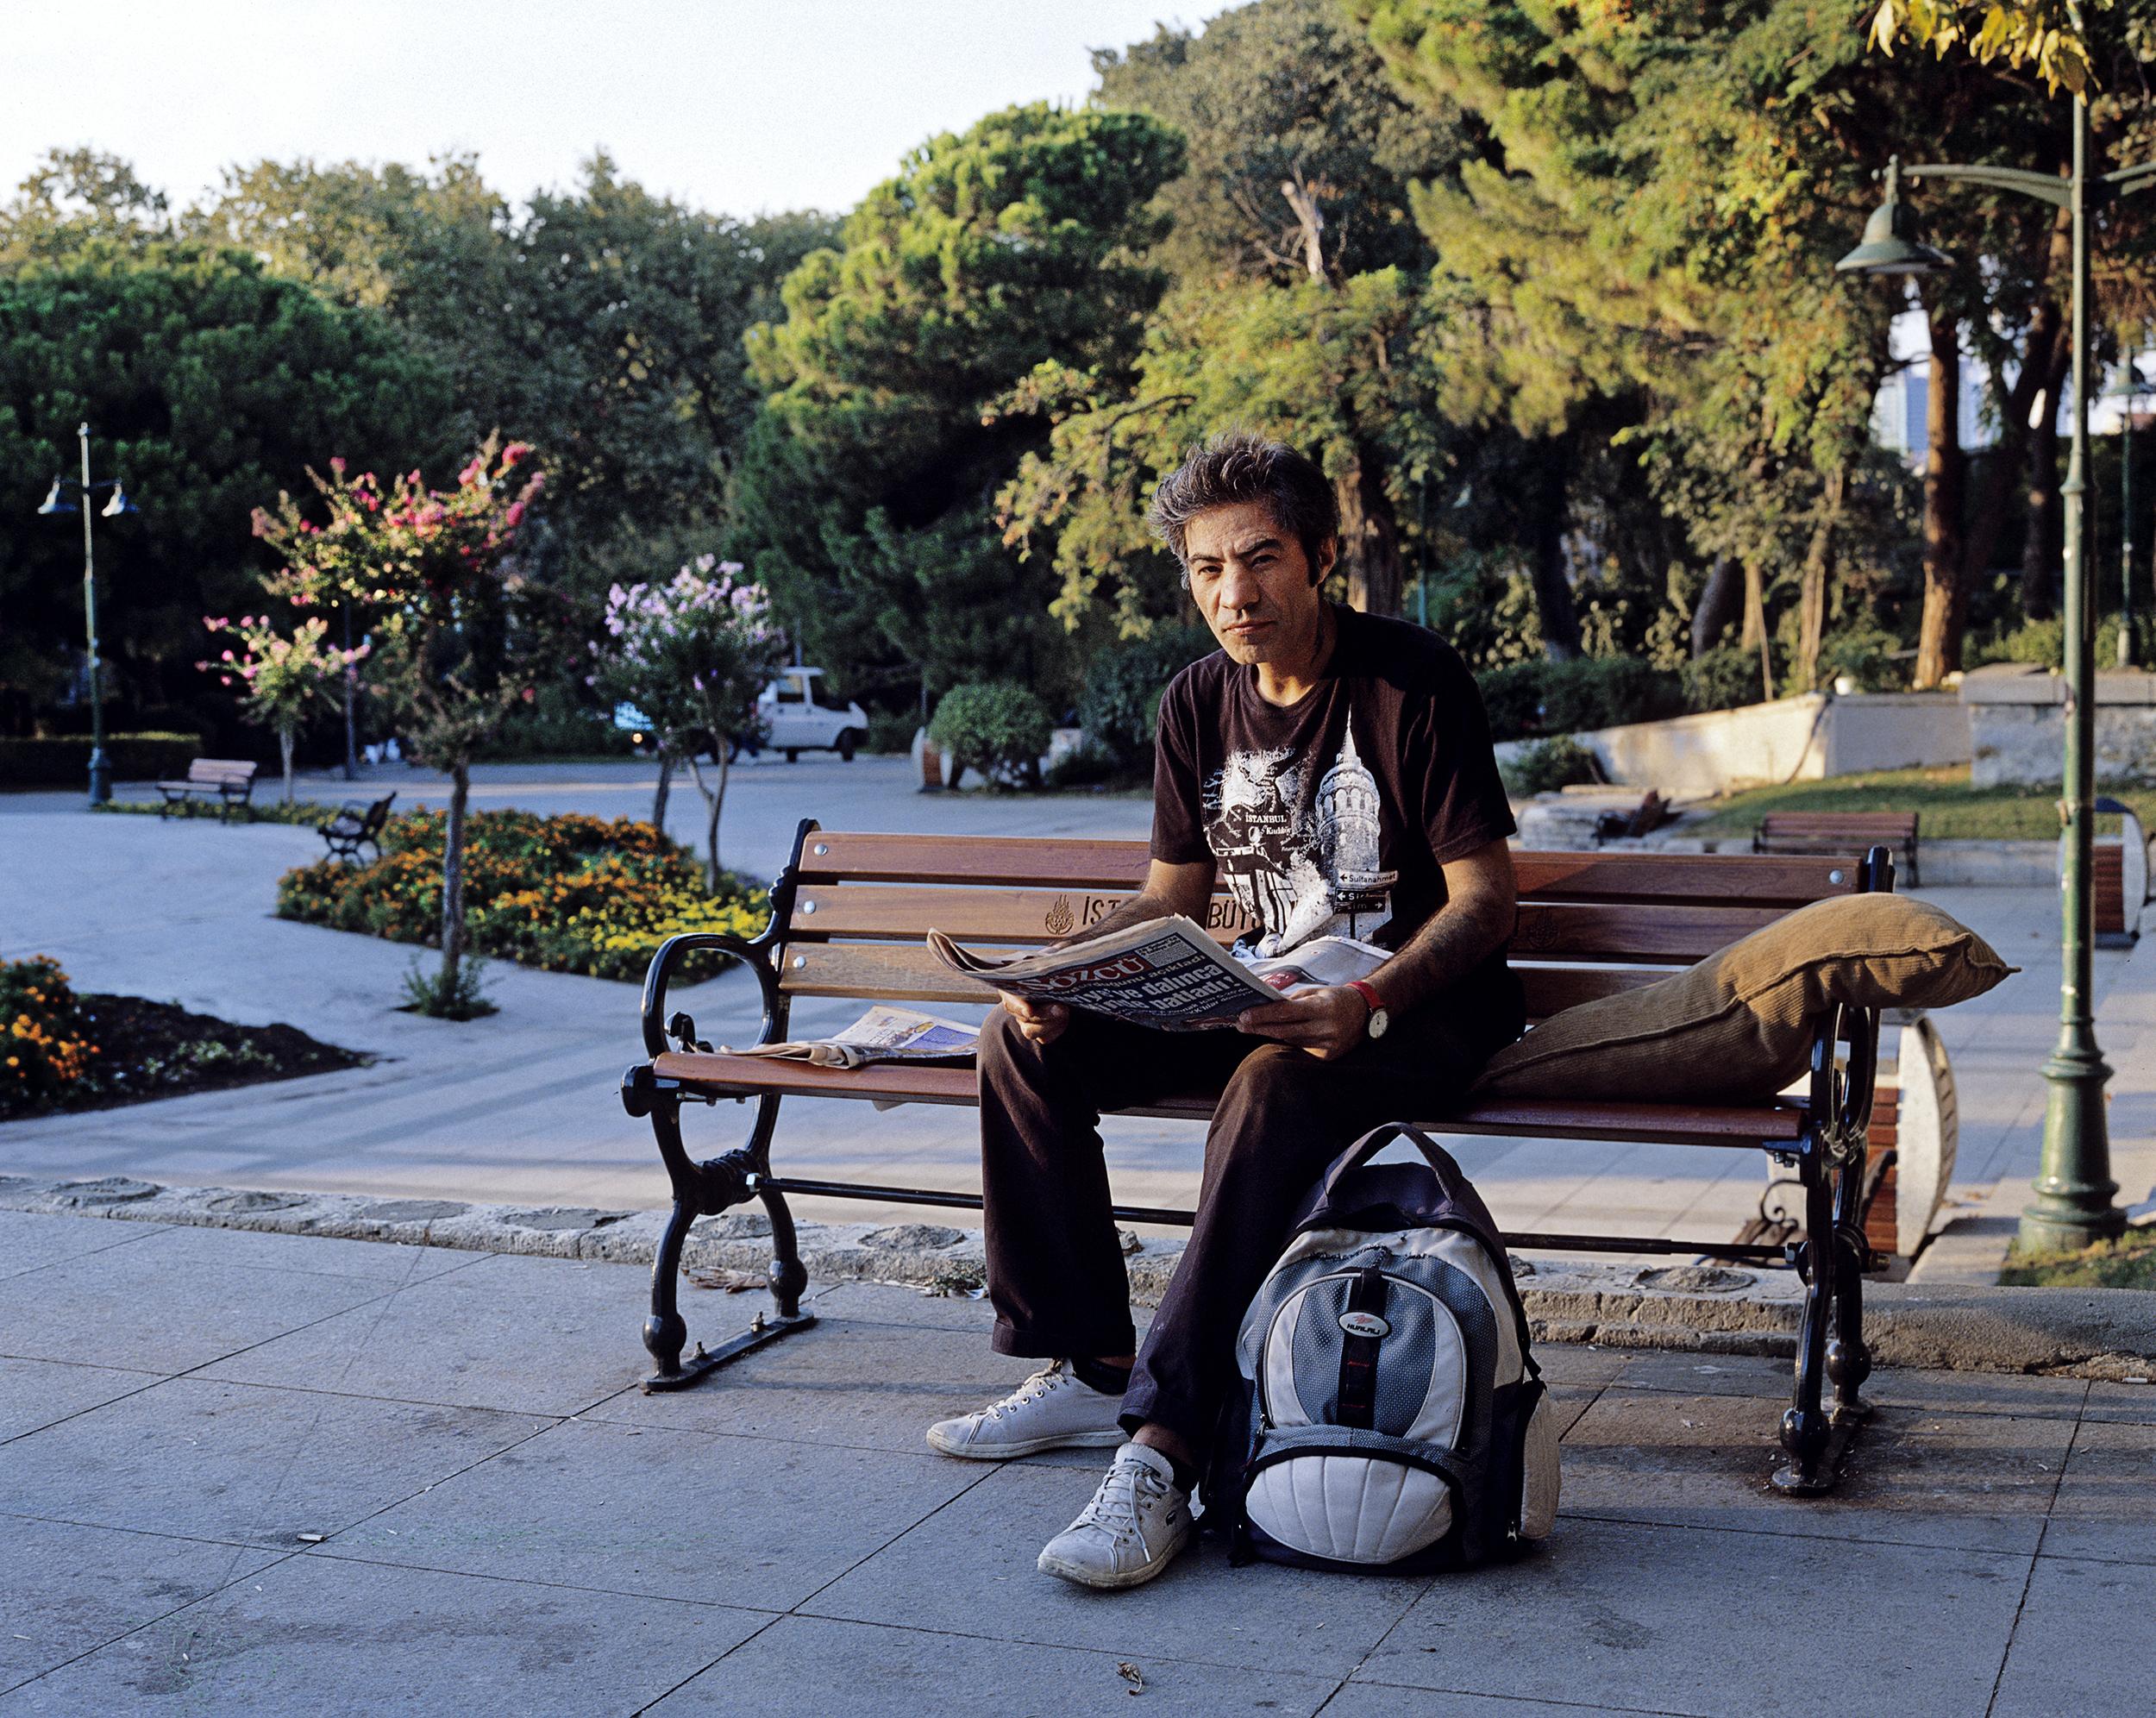 GeziPark _Istanbul_24GeziPark Gentle Resistance024Web_D4_7 _Gezi Park_2_copyright Claudia Leisinger_copyright Claudia Leisinger.jpg